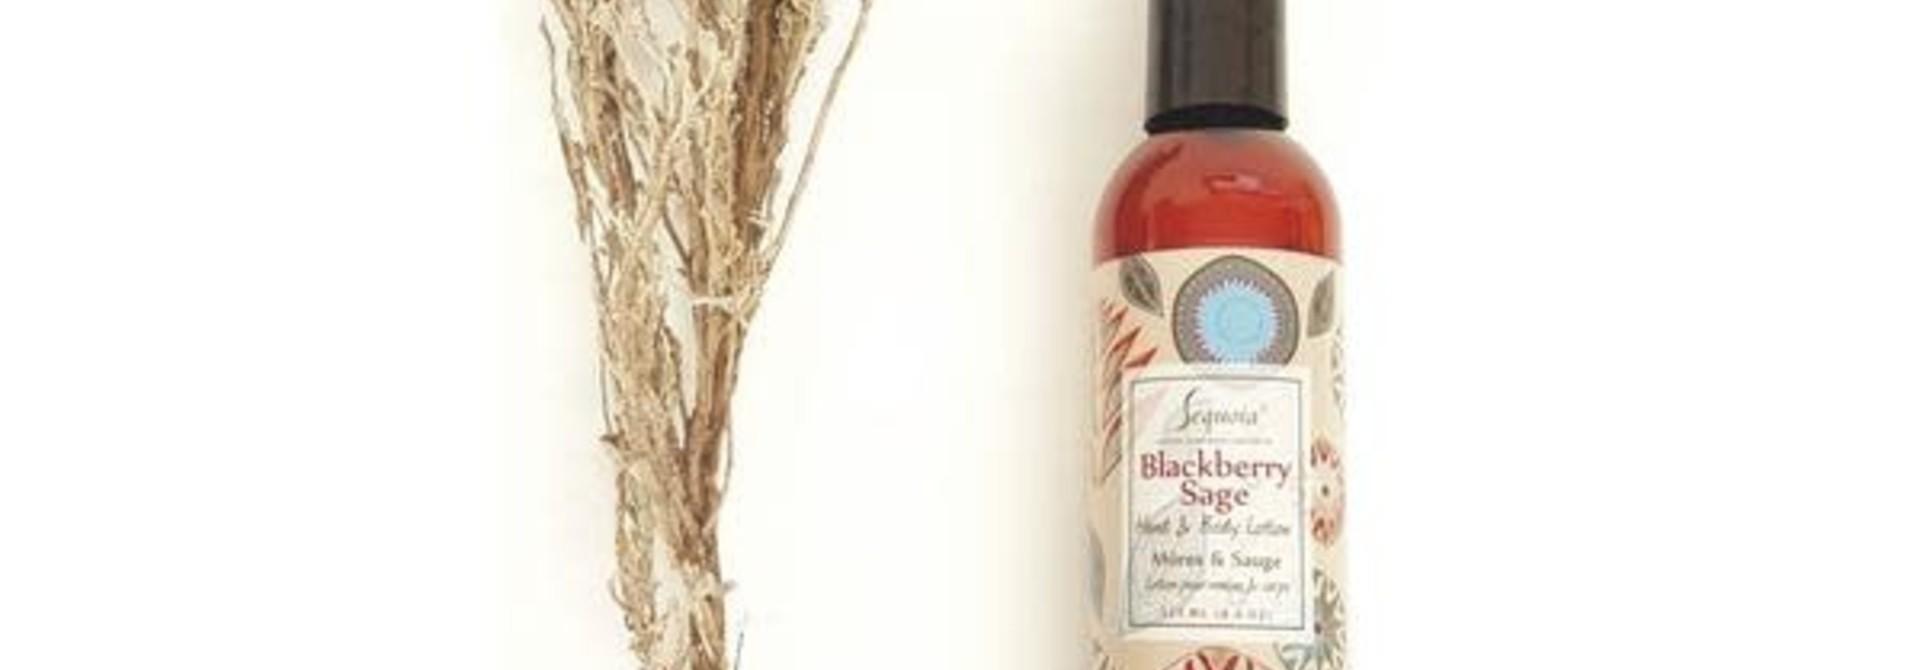 Sequoia Blackberry Sage- body lotion 2.0 oz